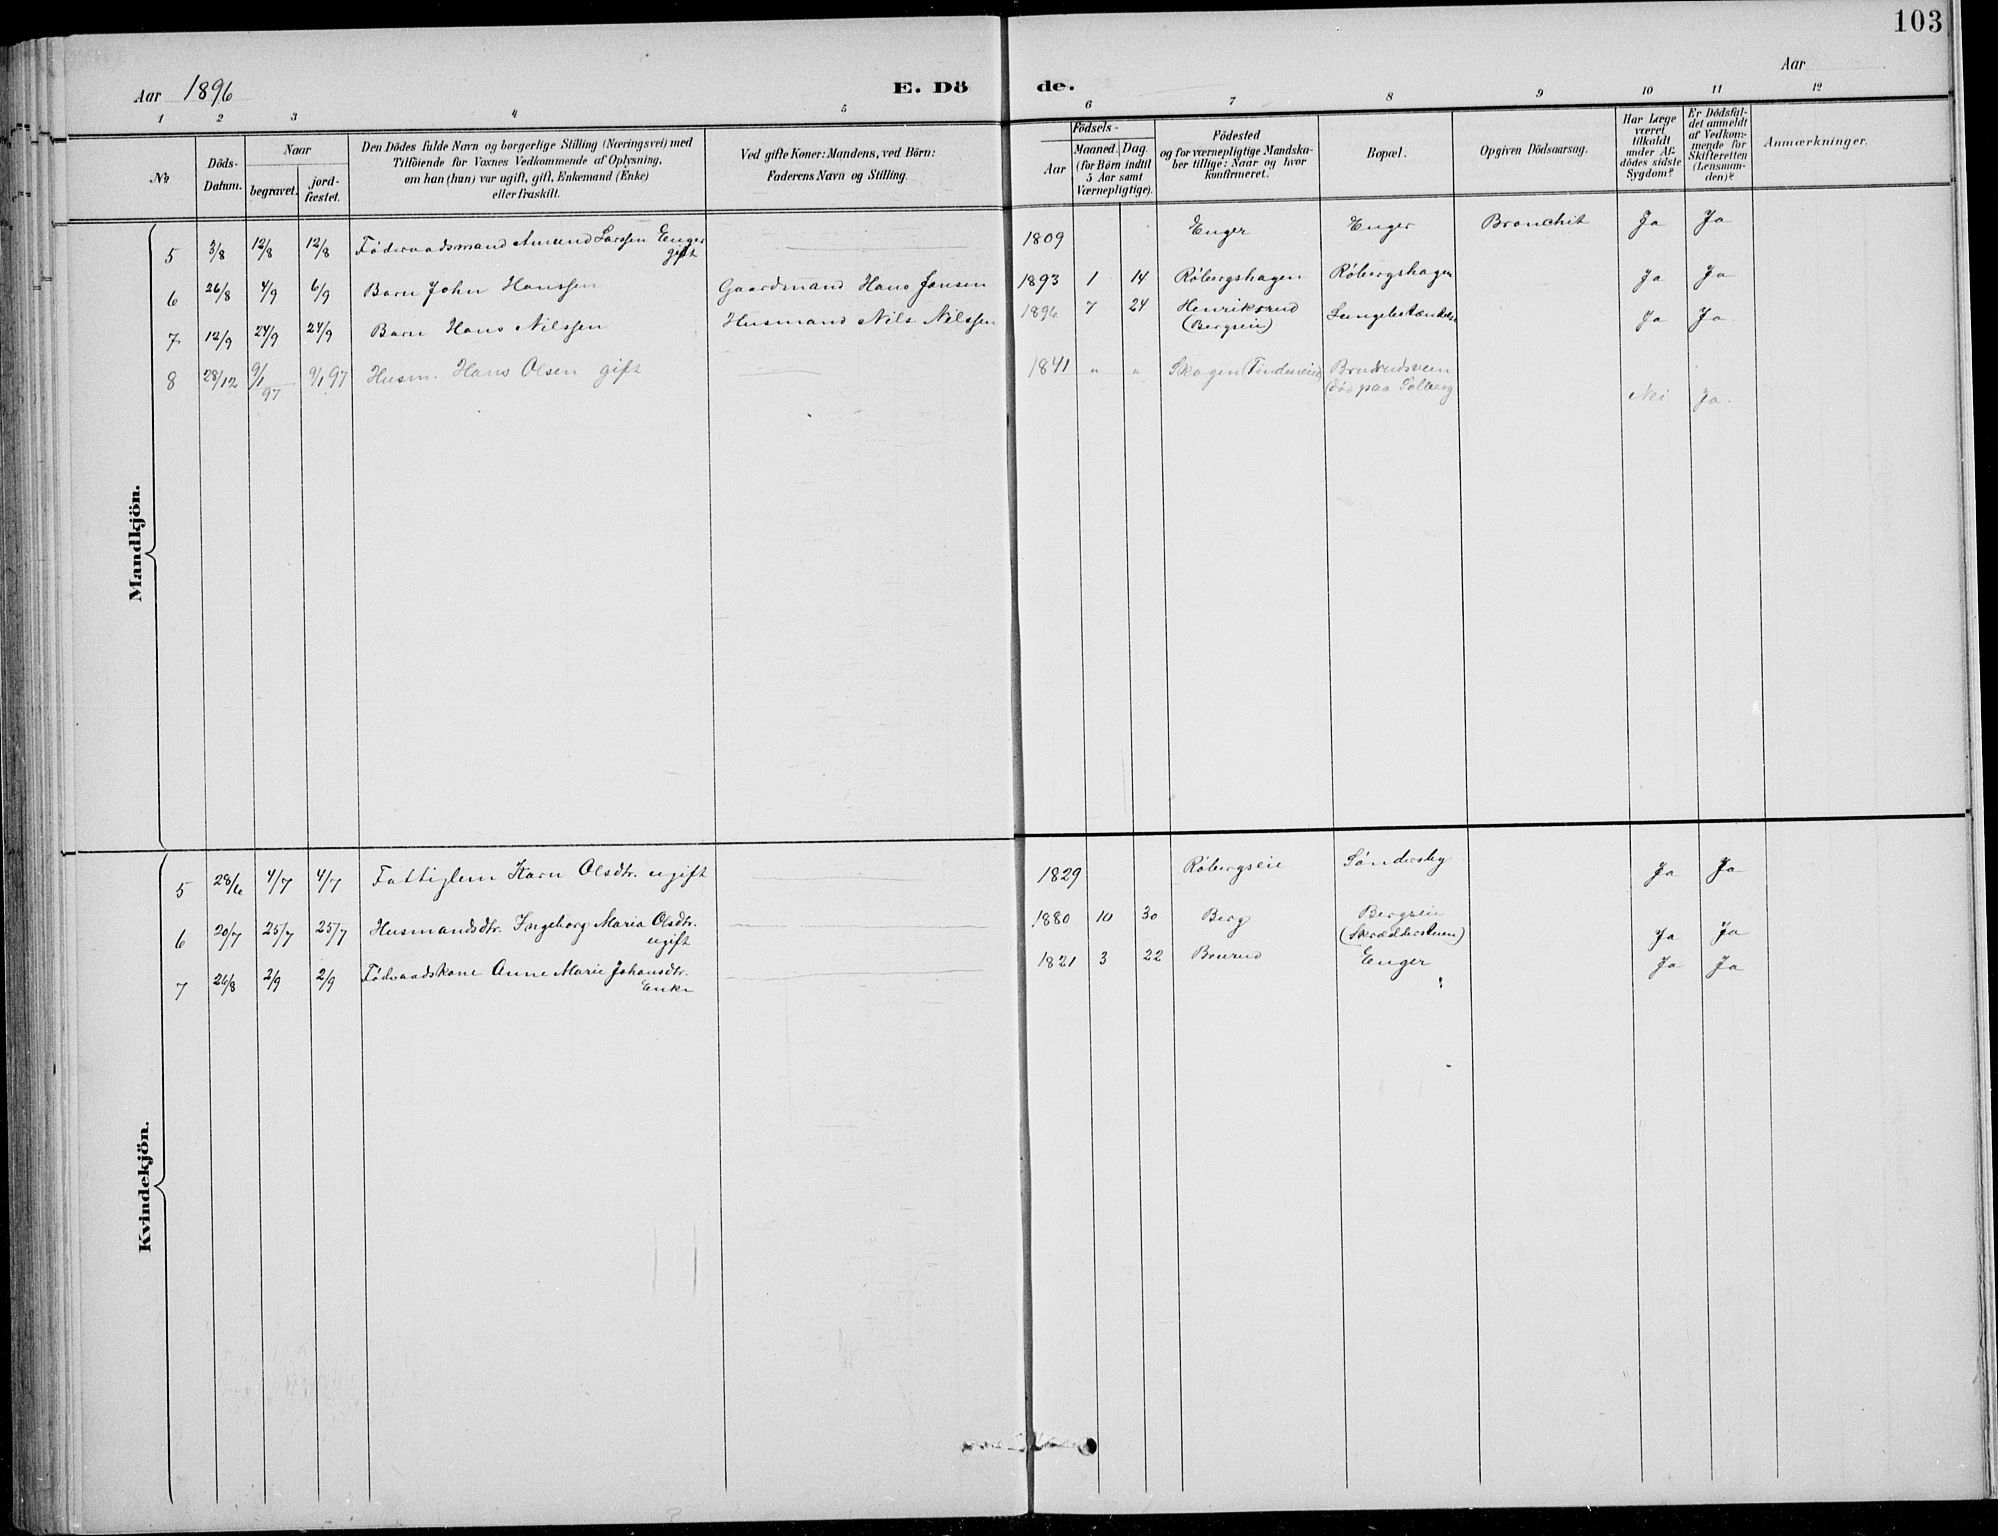 SAH, Nordre Land prestekontor, Klokkerbok nr. 14, 1891-1907, s. 103